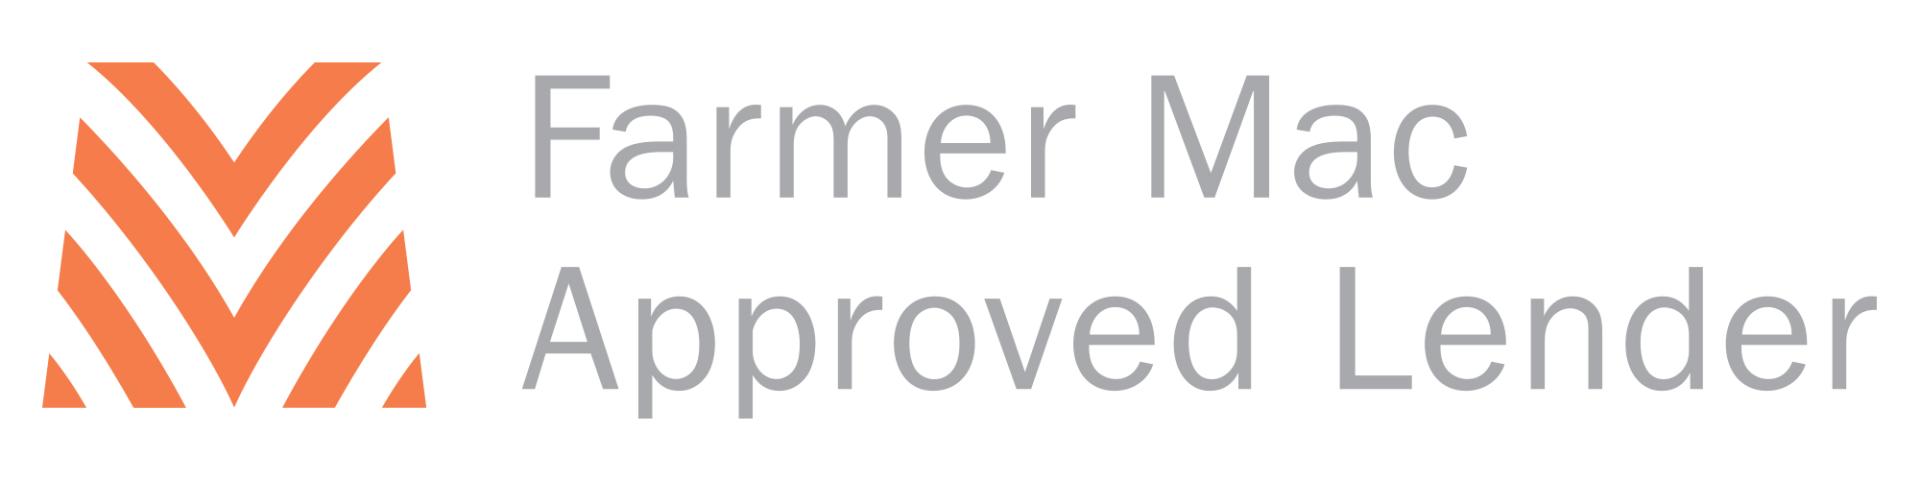 Farmer Mac approved lender logo